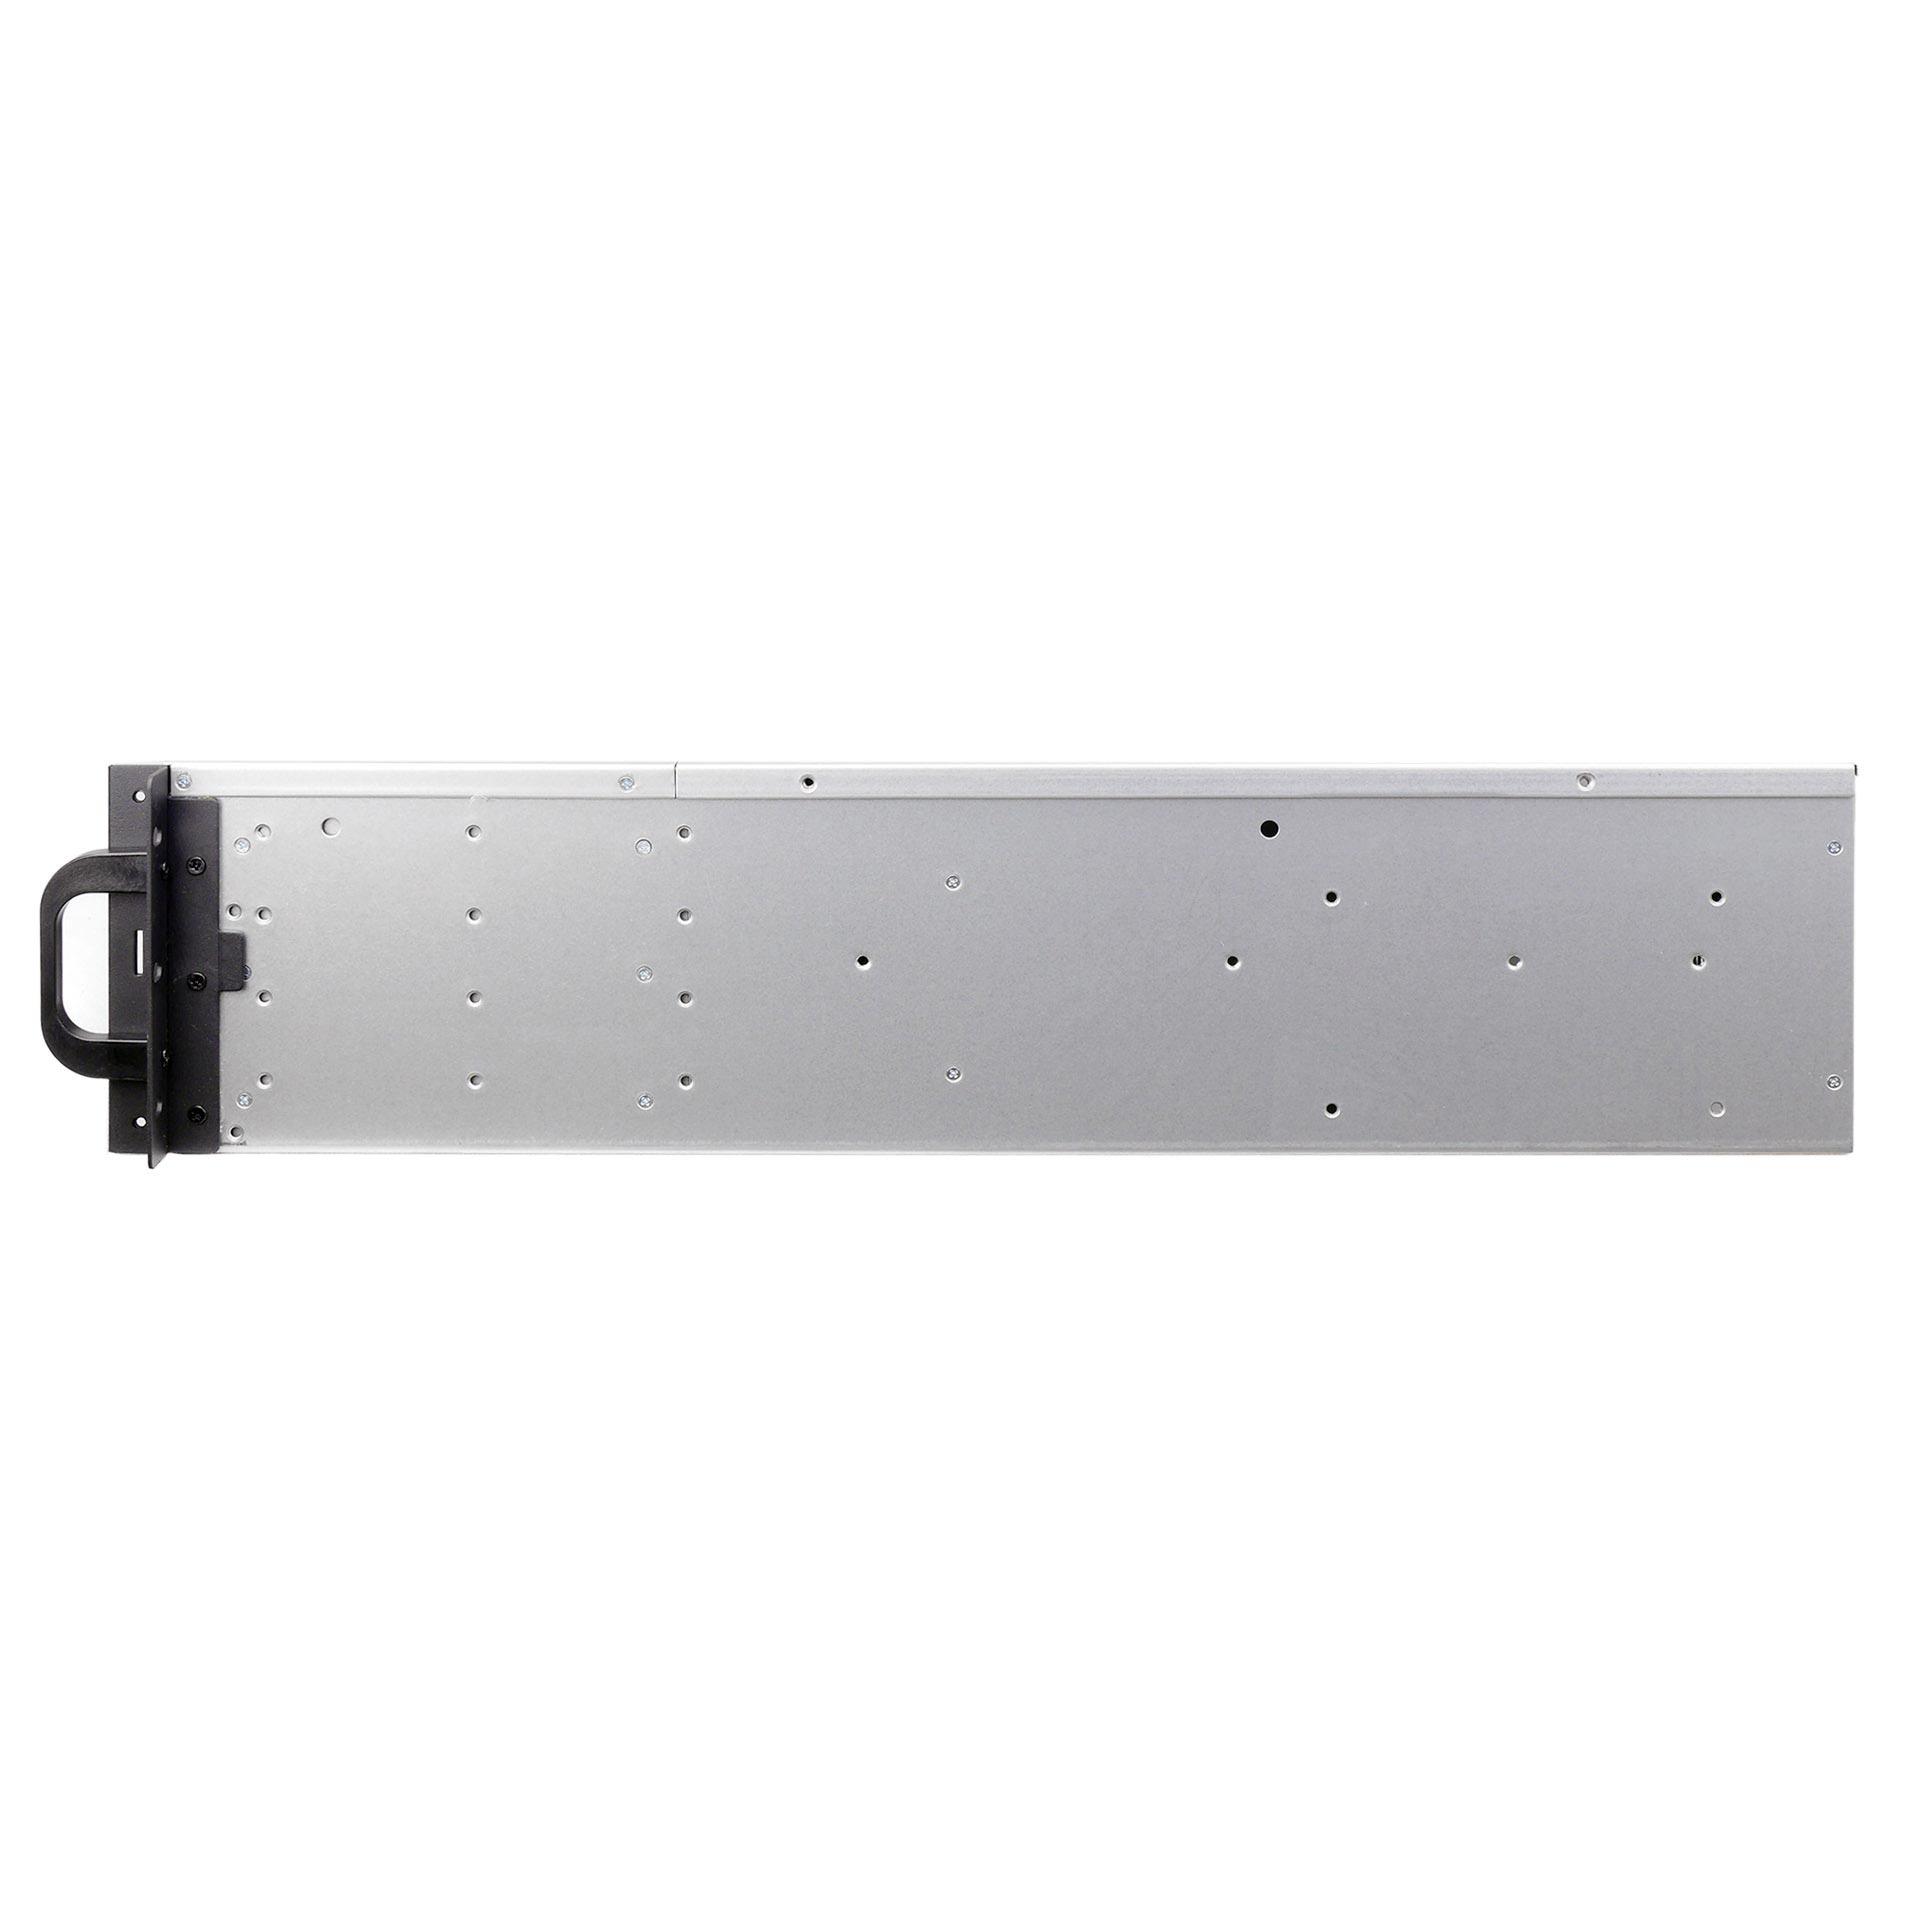 Серверный корпус 3U NR-N3014 850Вт (EATX 12x13, 3x5.25ext, 4x3.5ext, 5х3.5int, 480мм), NegoRack